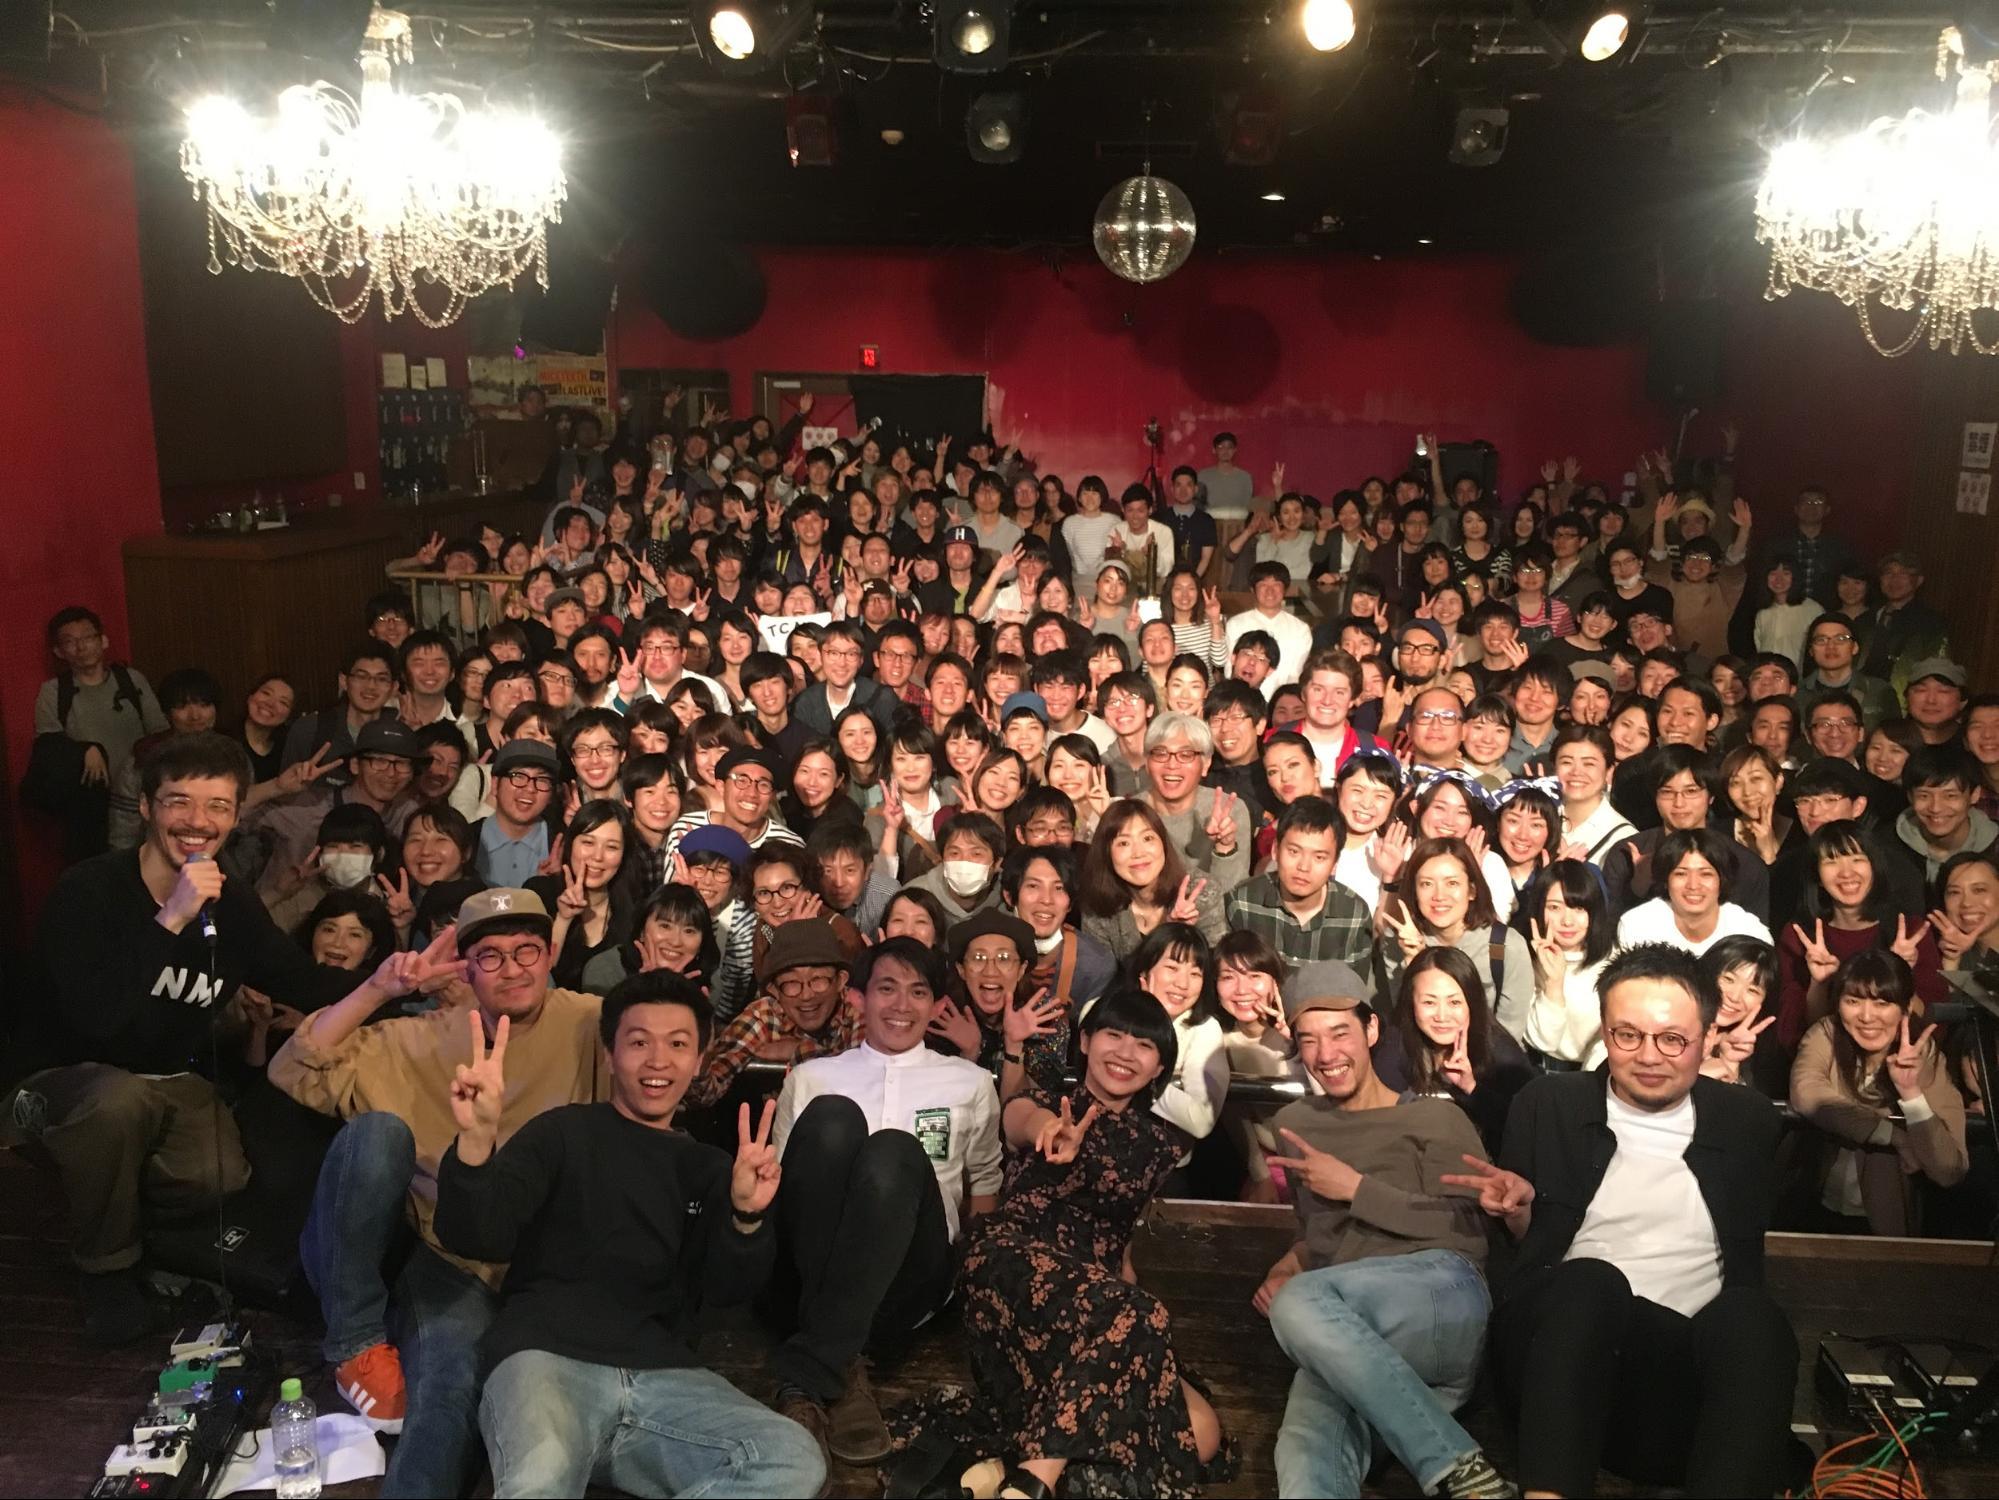 今天演出後大家的合影,在我右邊的是toconoma的貝斯手,是近期發花癡的對象。(今天還用日文對台下的觀眾說了,真是不知羞恥)